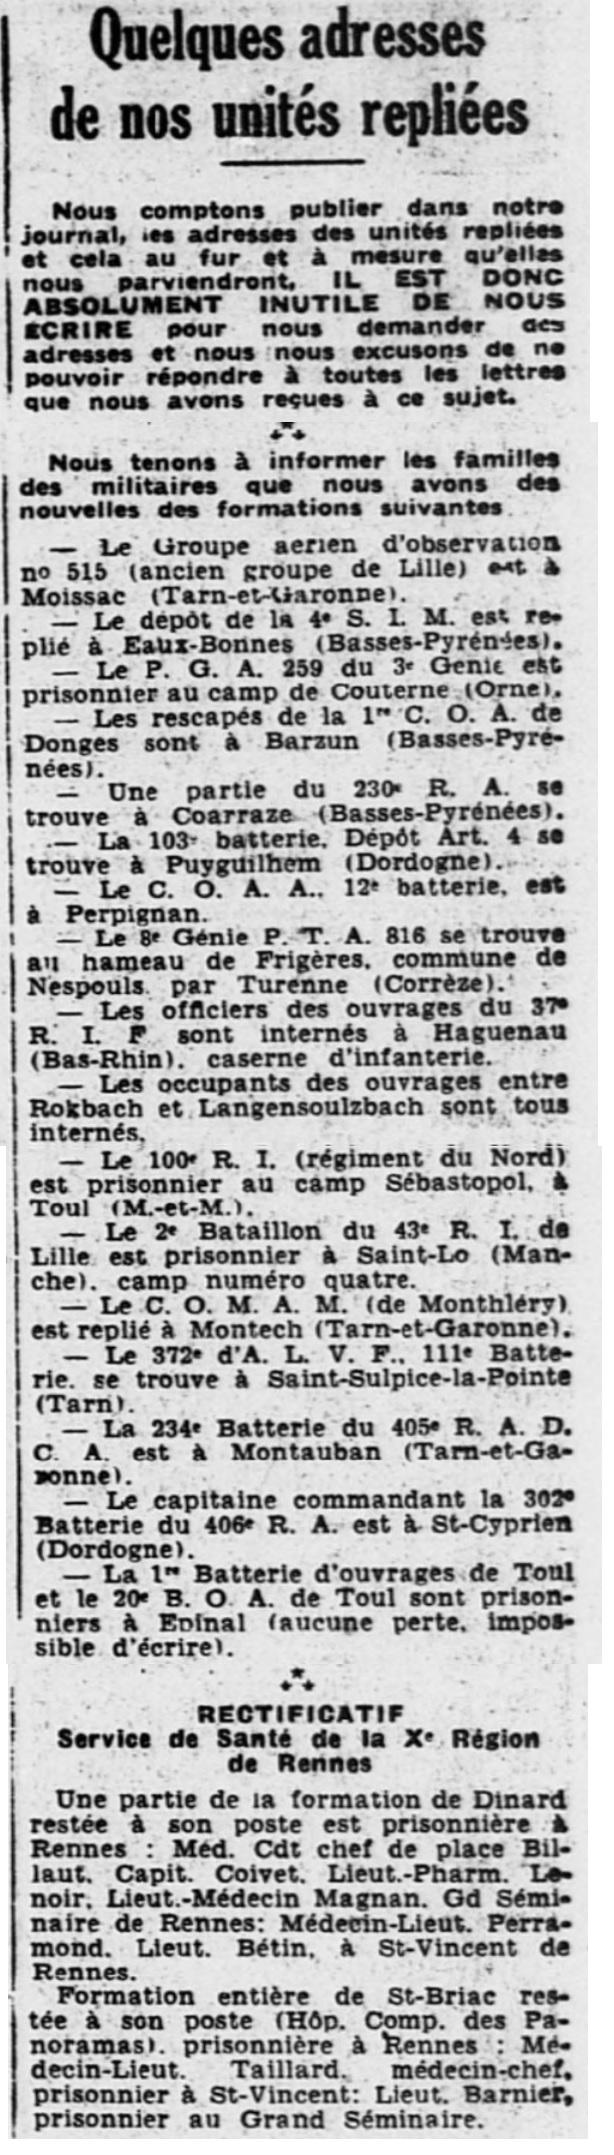 Liste des centres de repli des unités françaises 19400818